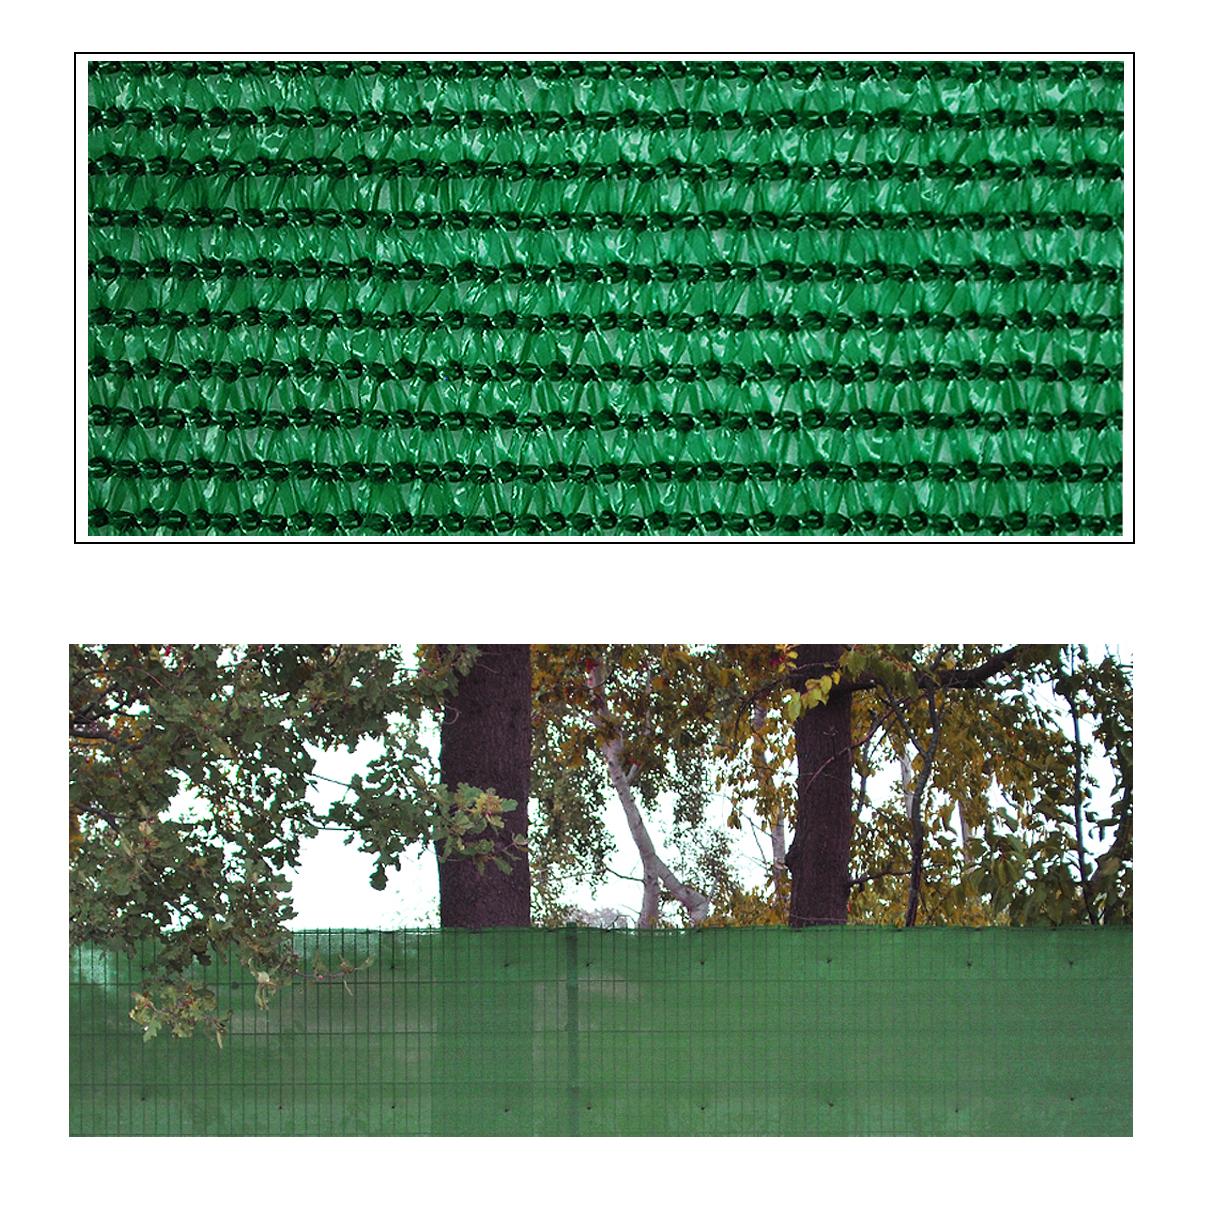 Sichtschutz Zaunblende Tennisblende Sichtschutznetz Windschutz